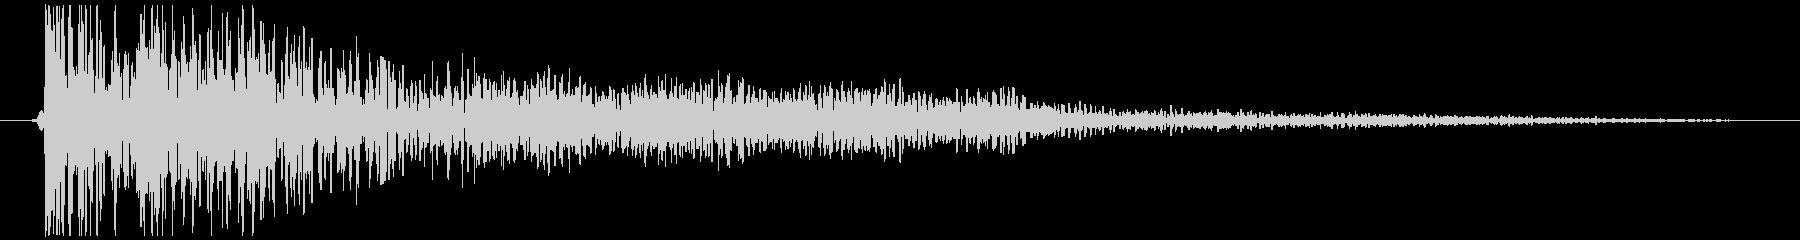 ドカン、ボン(爆発音) SE・効果音の未再生の波形